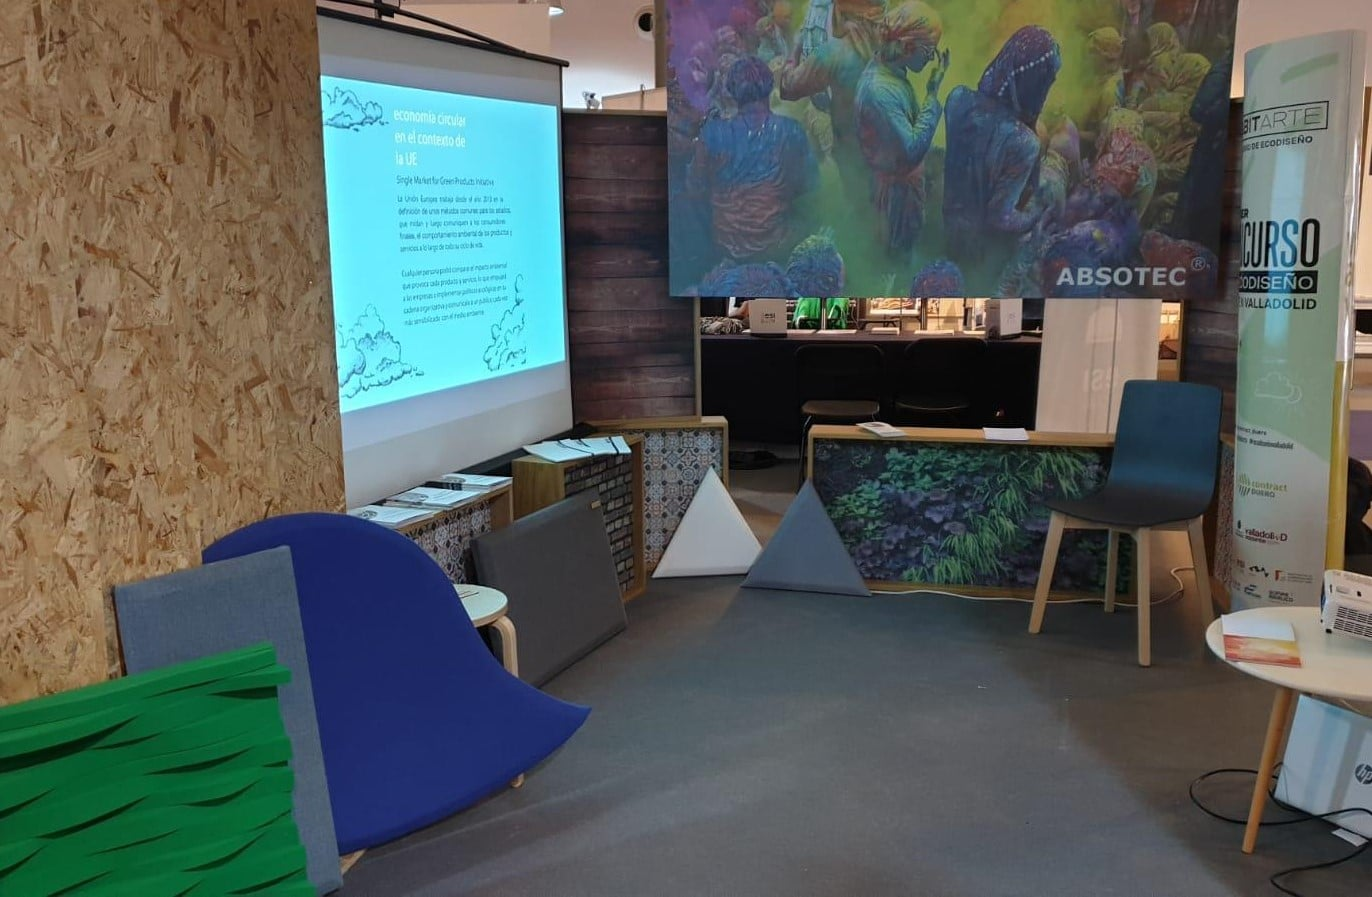 Absotec muestra sus productos en el encuentro Craft Innova